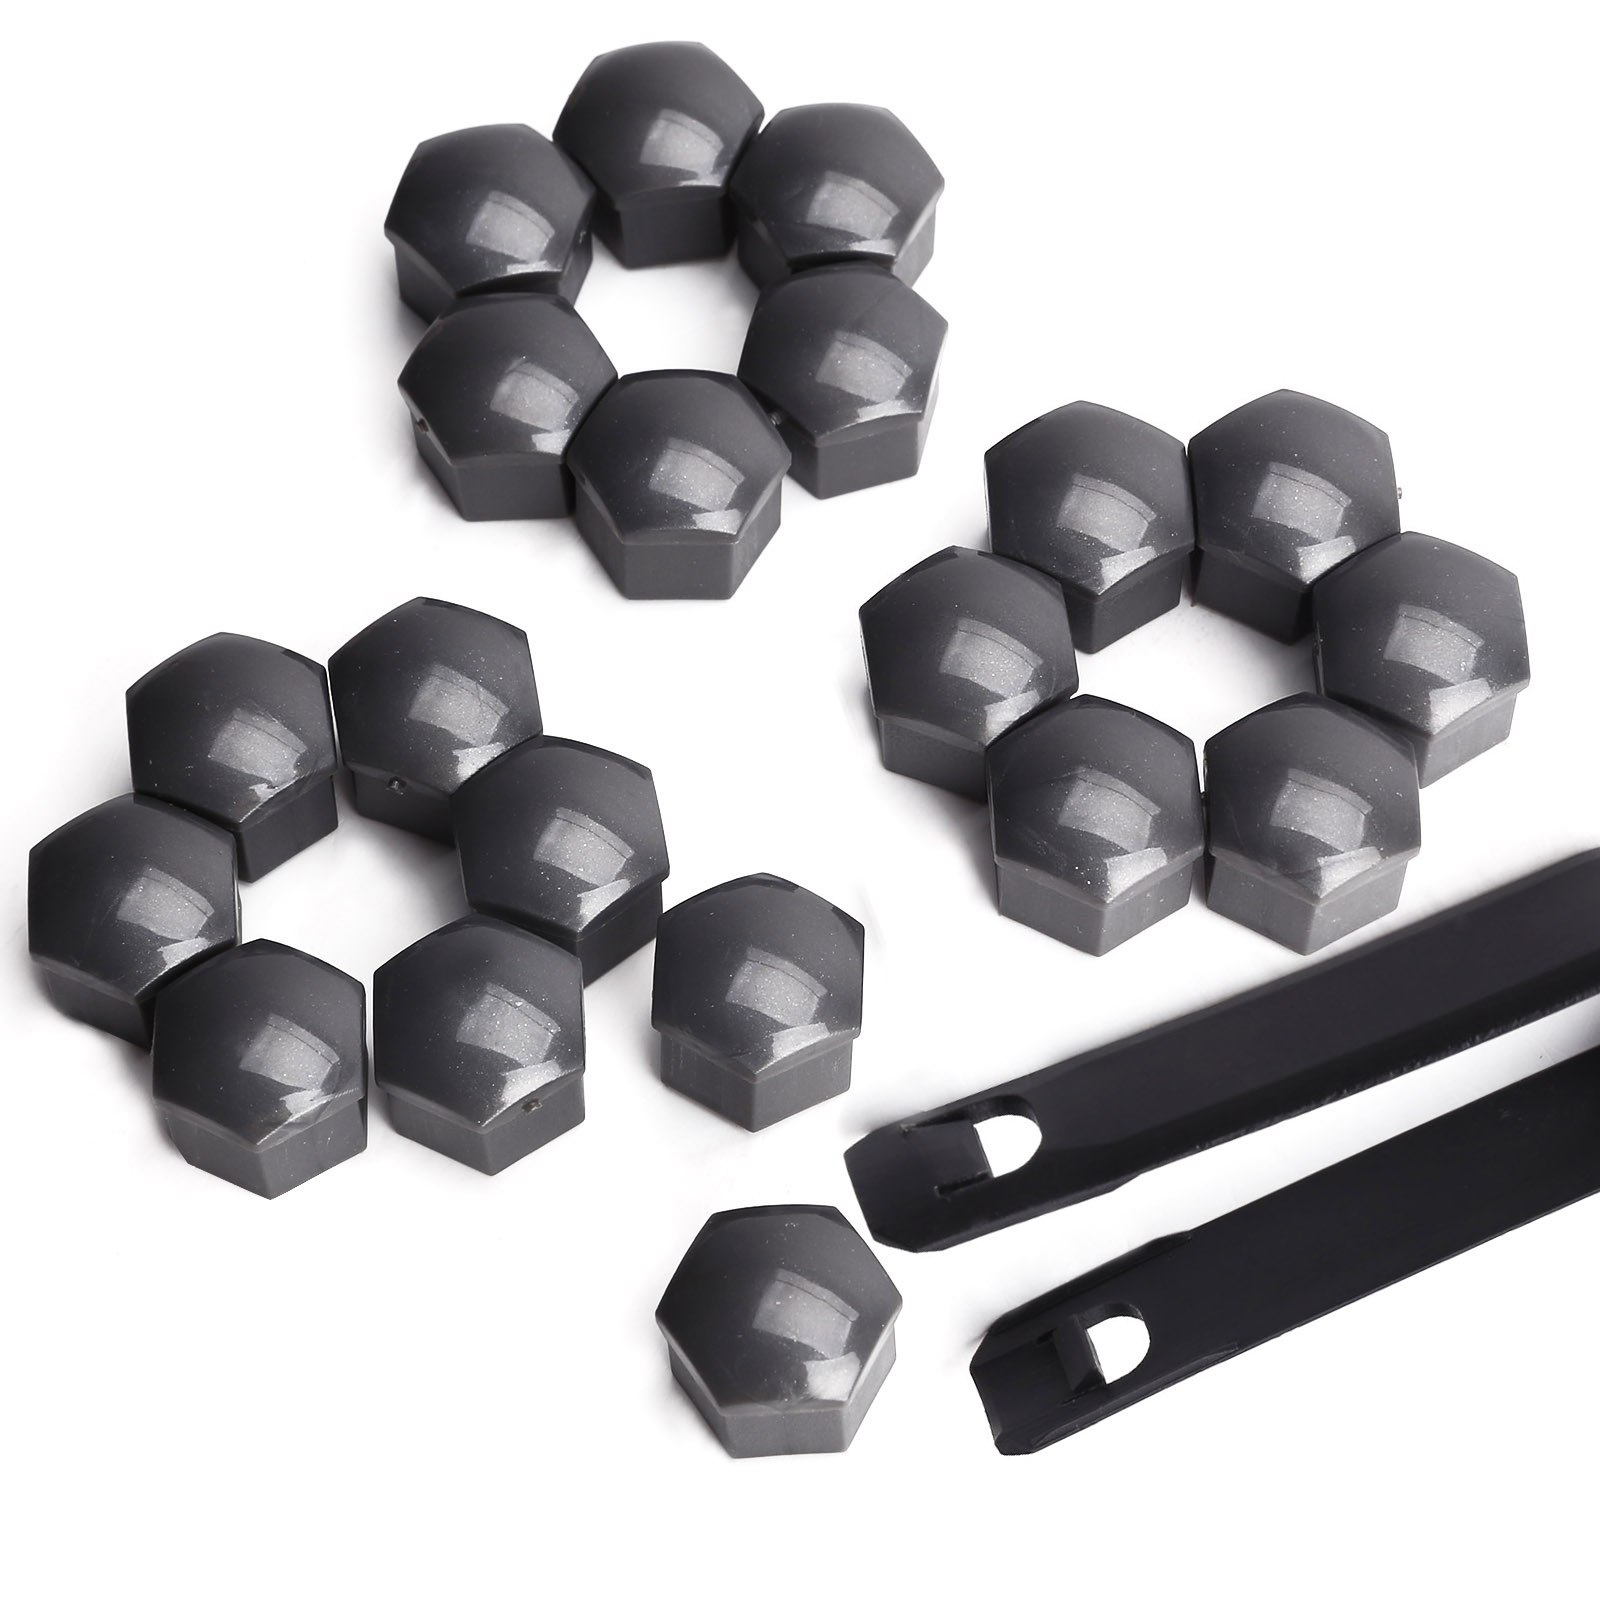 20x hexagonal cache ecrou gris fonce 17mm vis boulon roue vw polo beetle lupo ebay. Black Bedroom Furniture Sets. Home Design Ideas